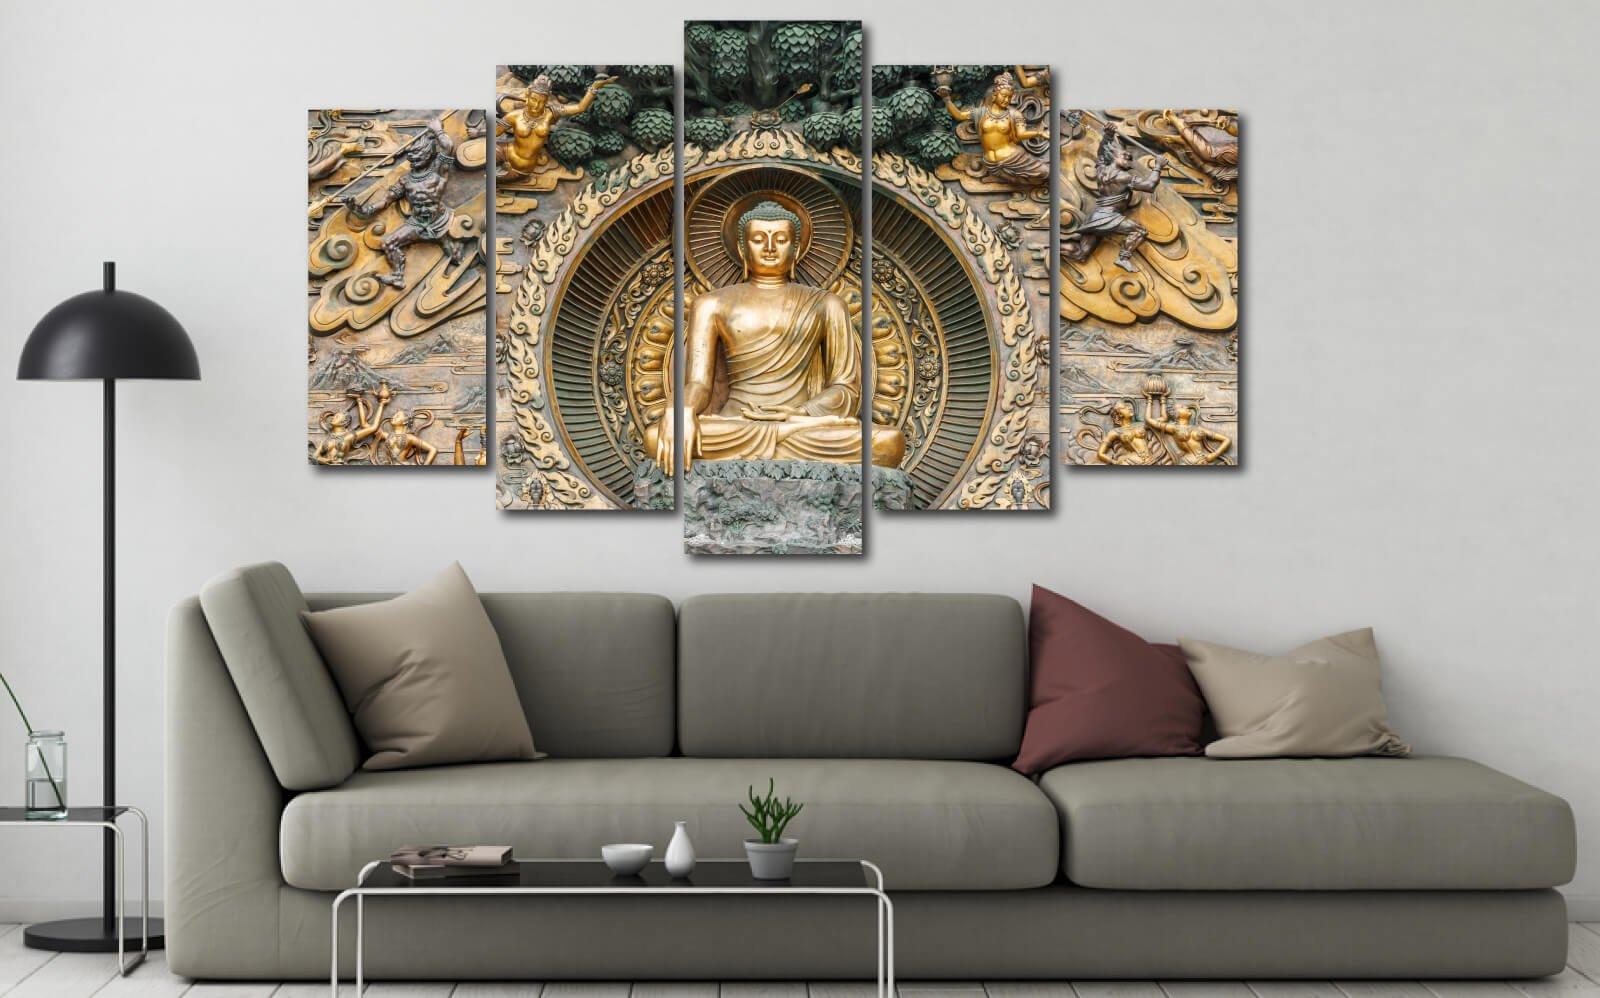 Tranh Phật giáo mang đến sự thanh thản trong tâm hồn sau những xô bồ ngoài xã hội, xua tan muộn phiền, giúp tinh thần an yên mỗi khi ta ngắm nhìn